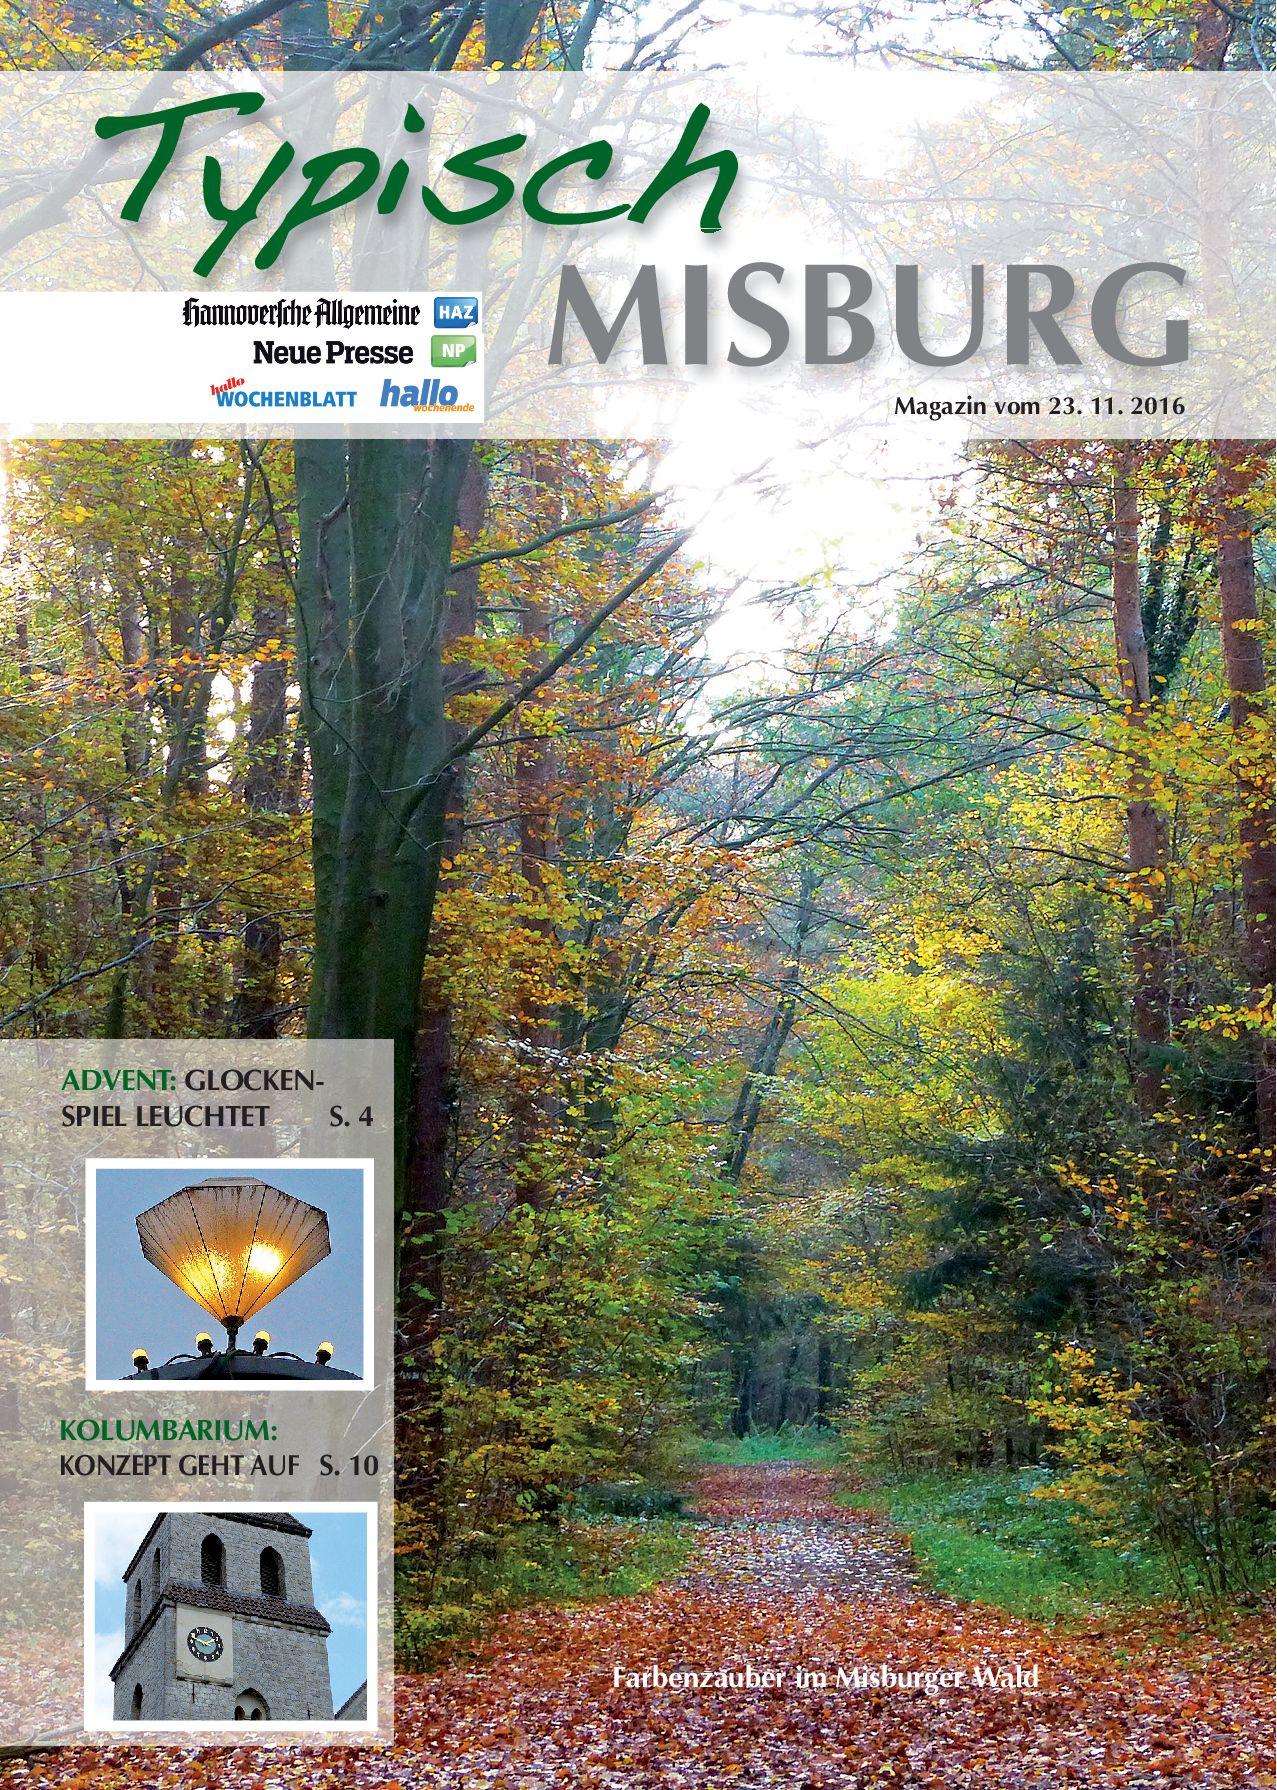 misburg-nr-2-vom-23-11-2016